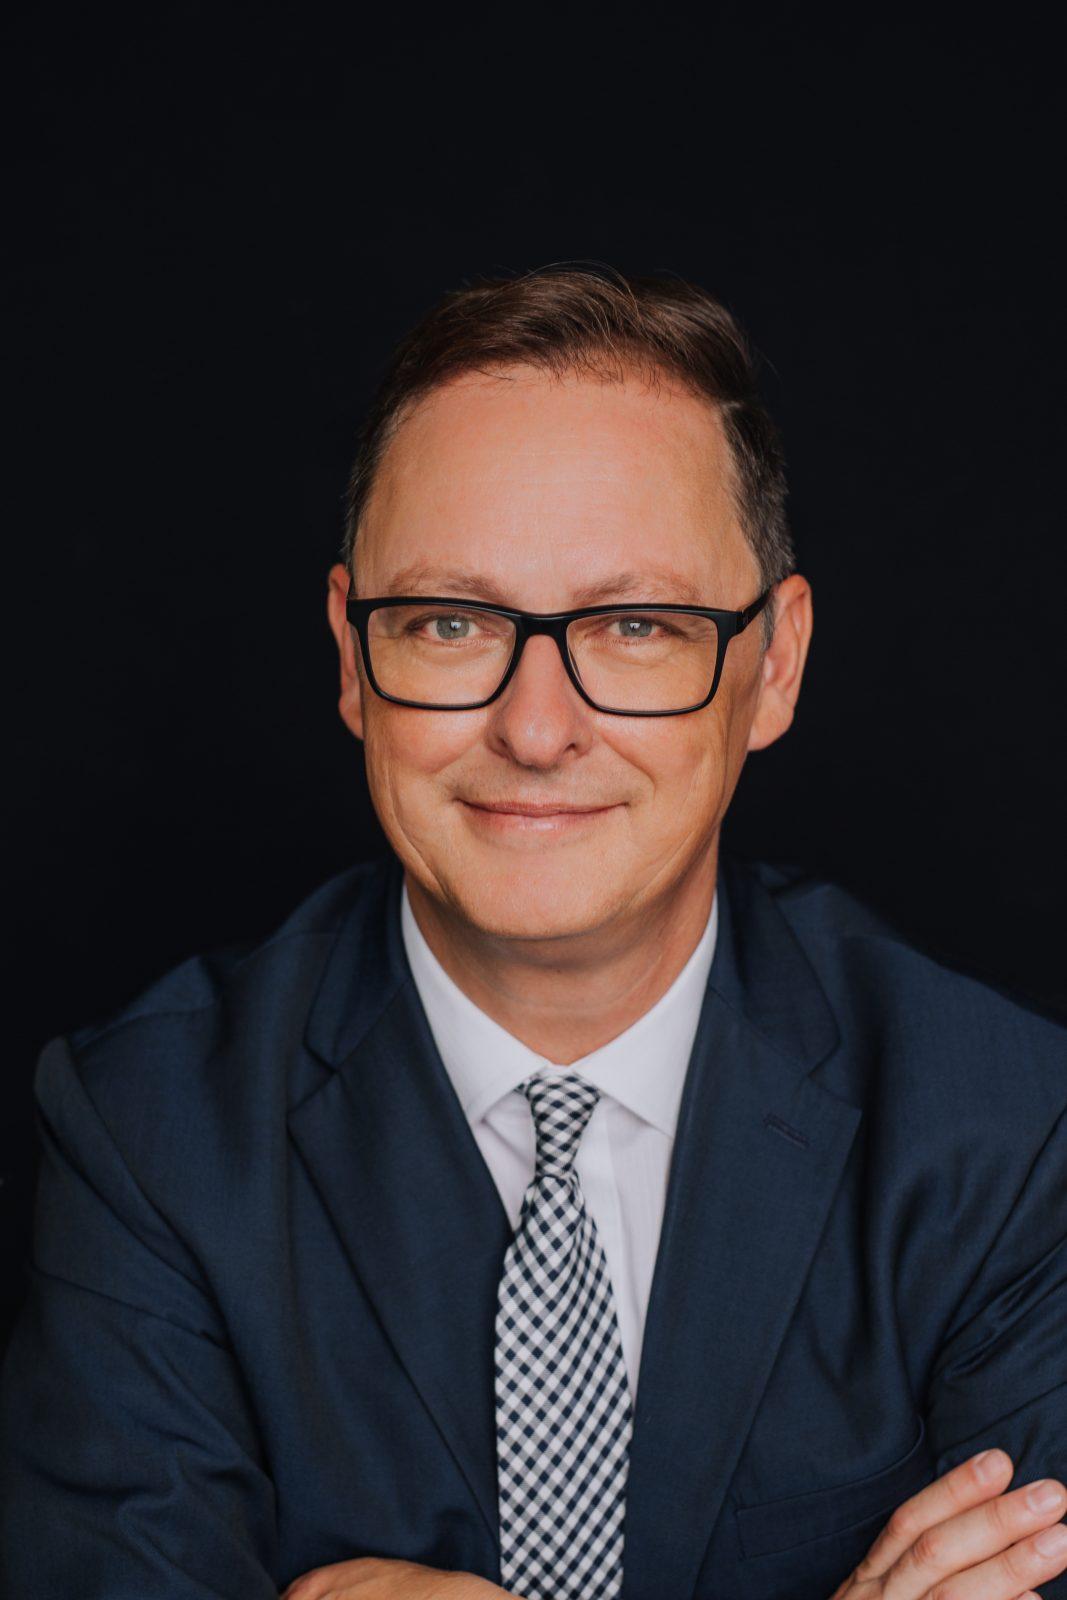 Pierre Leblanc nommé à la Direction générale du Cégep de Drummondville